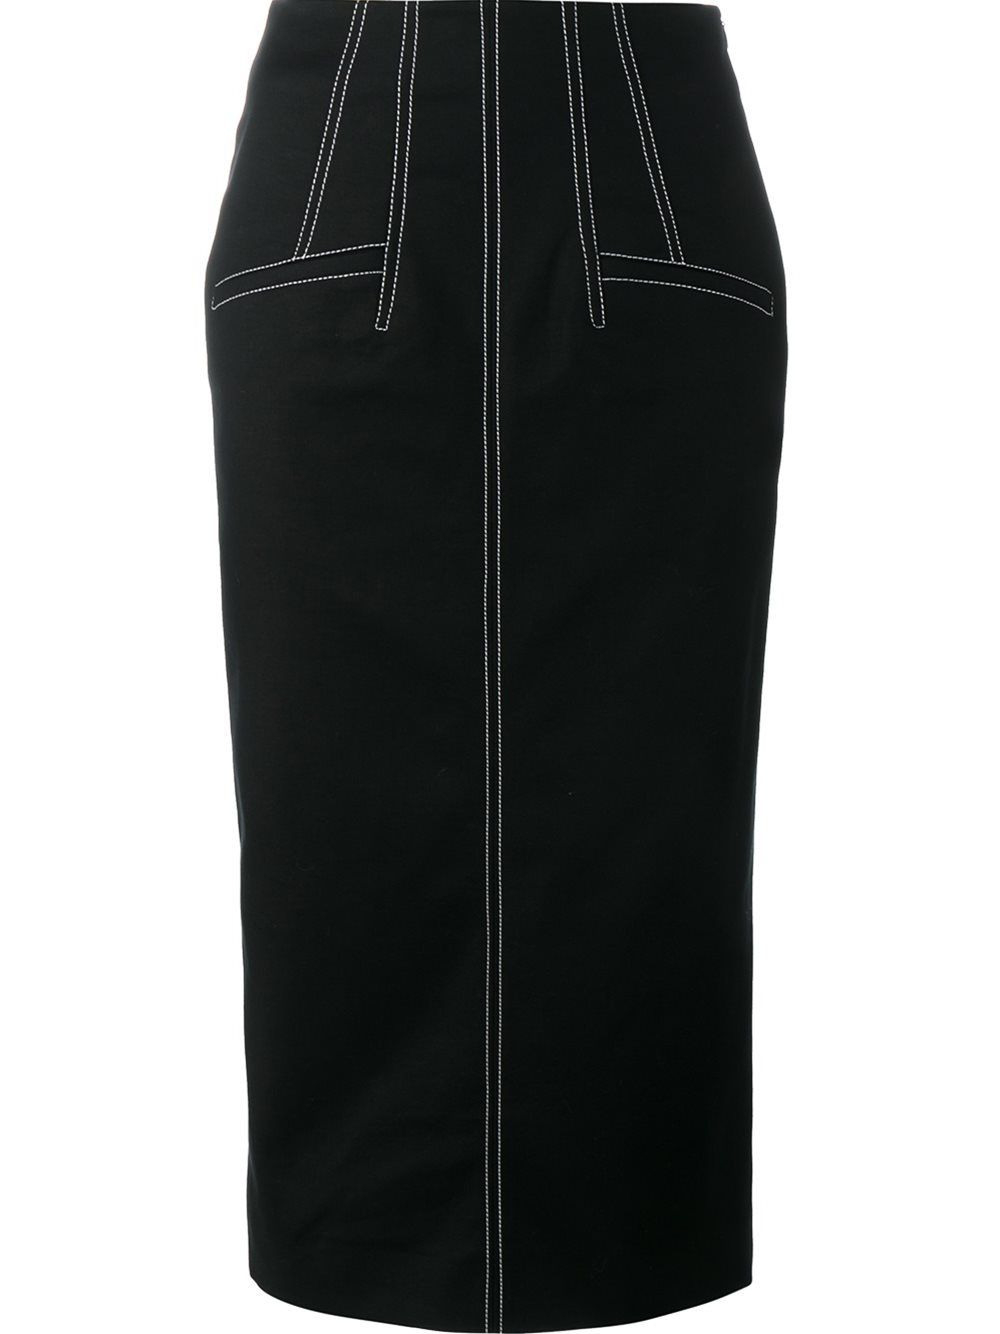 17 Spektakulär Dresscode Abendkleidung Design13 Erstaunlich Dresscode Abendkleidung Galerie